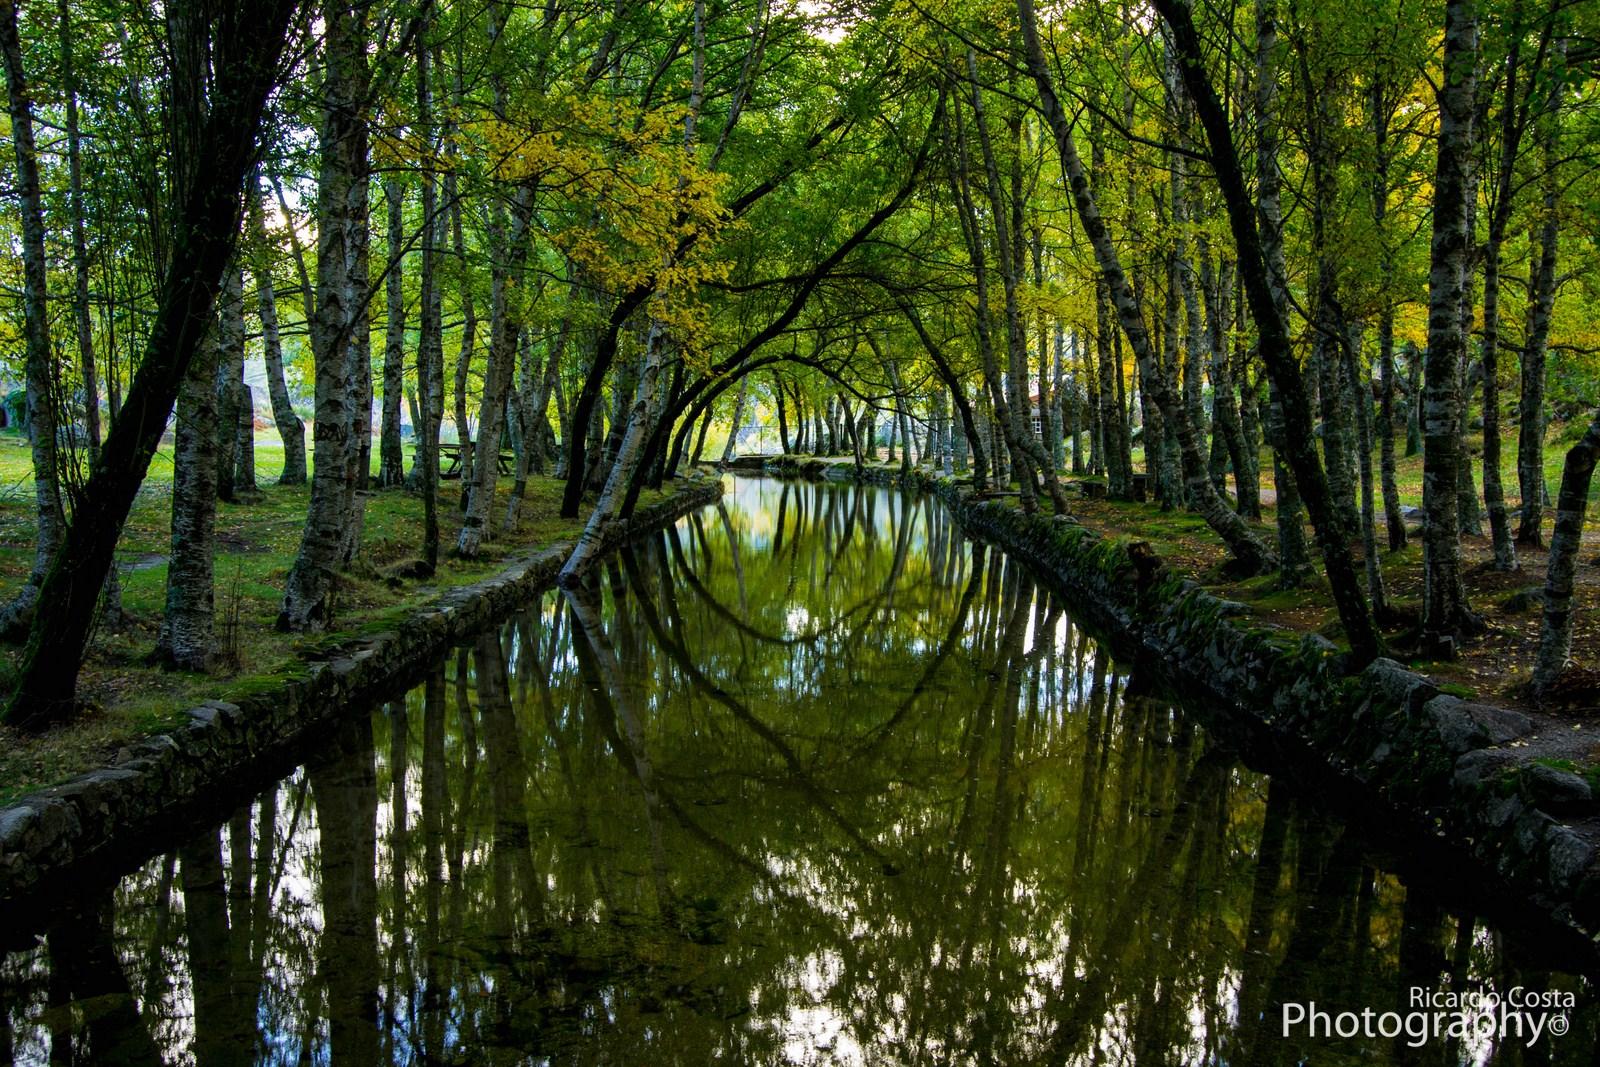 Muitas vezes RicardoCosta © Nature & Landscape Photography: Paisagem Natural JR46